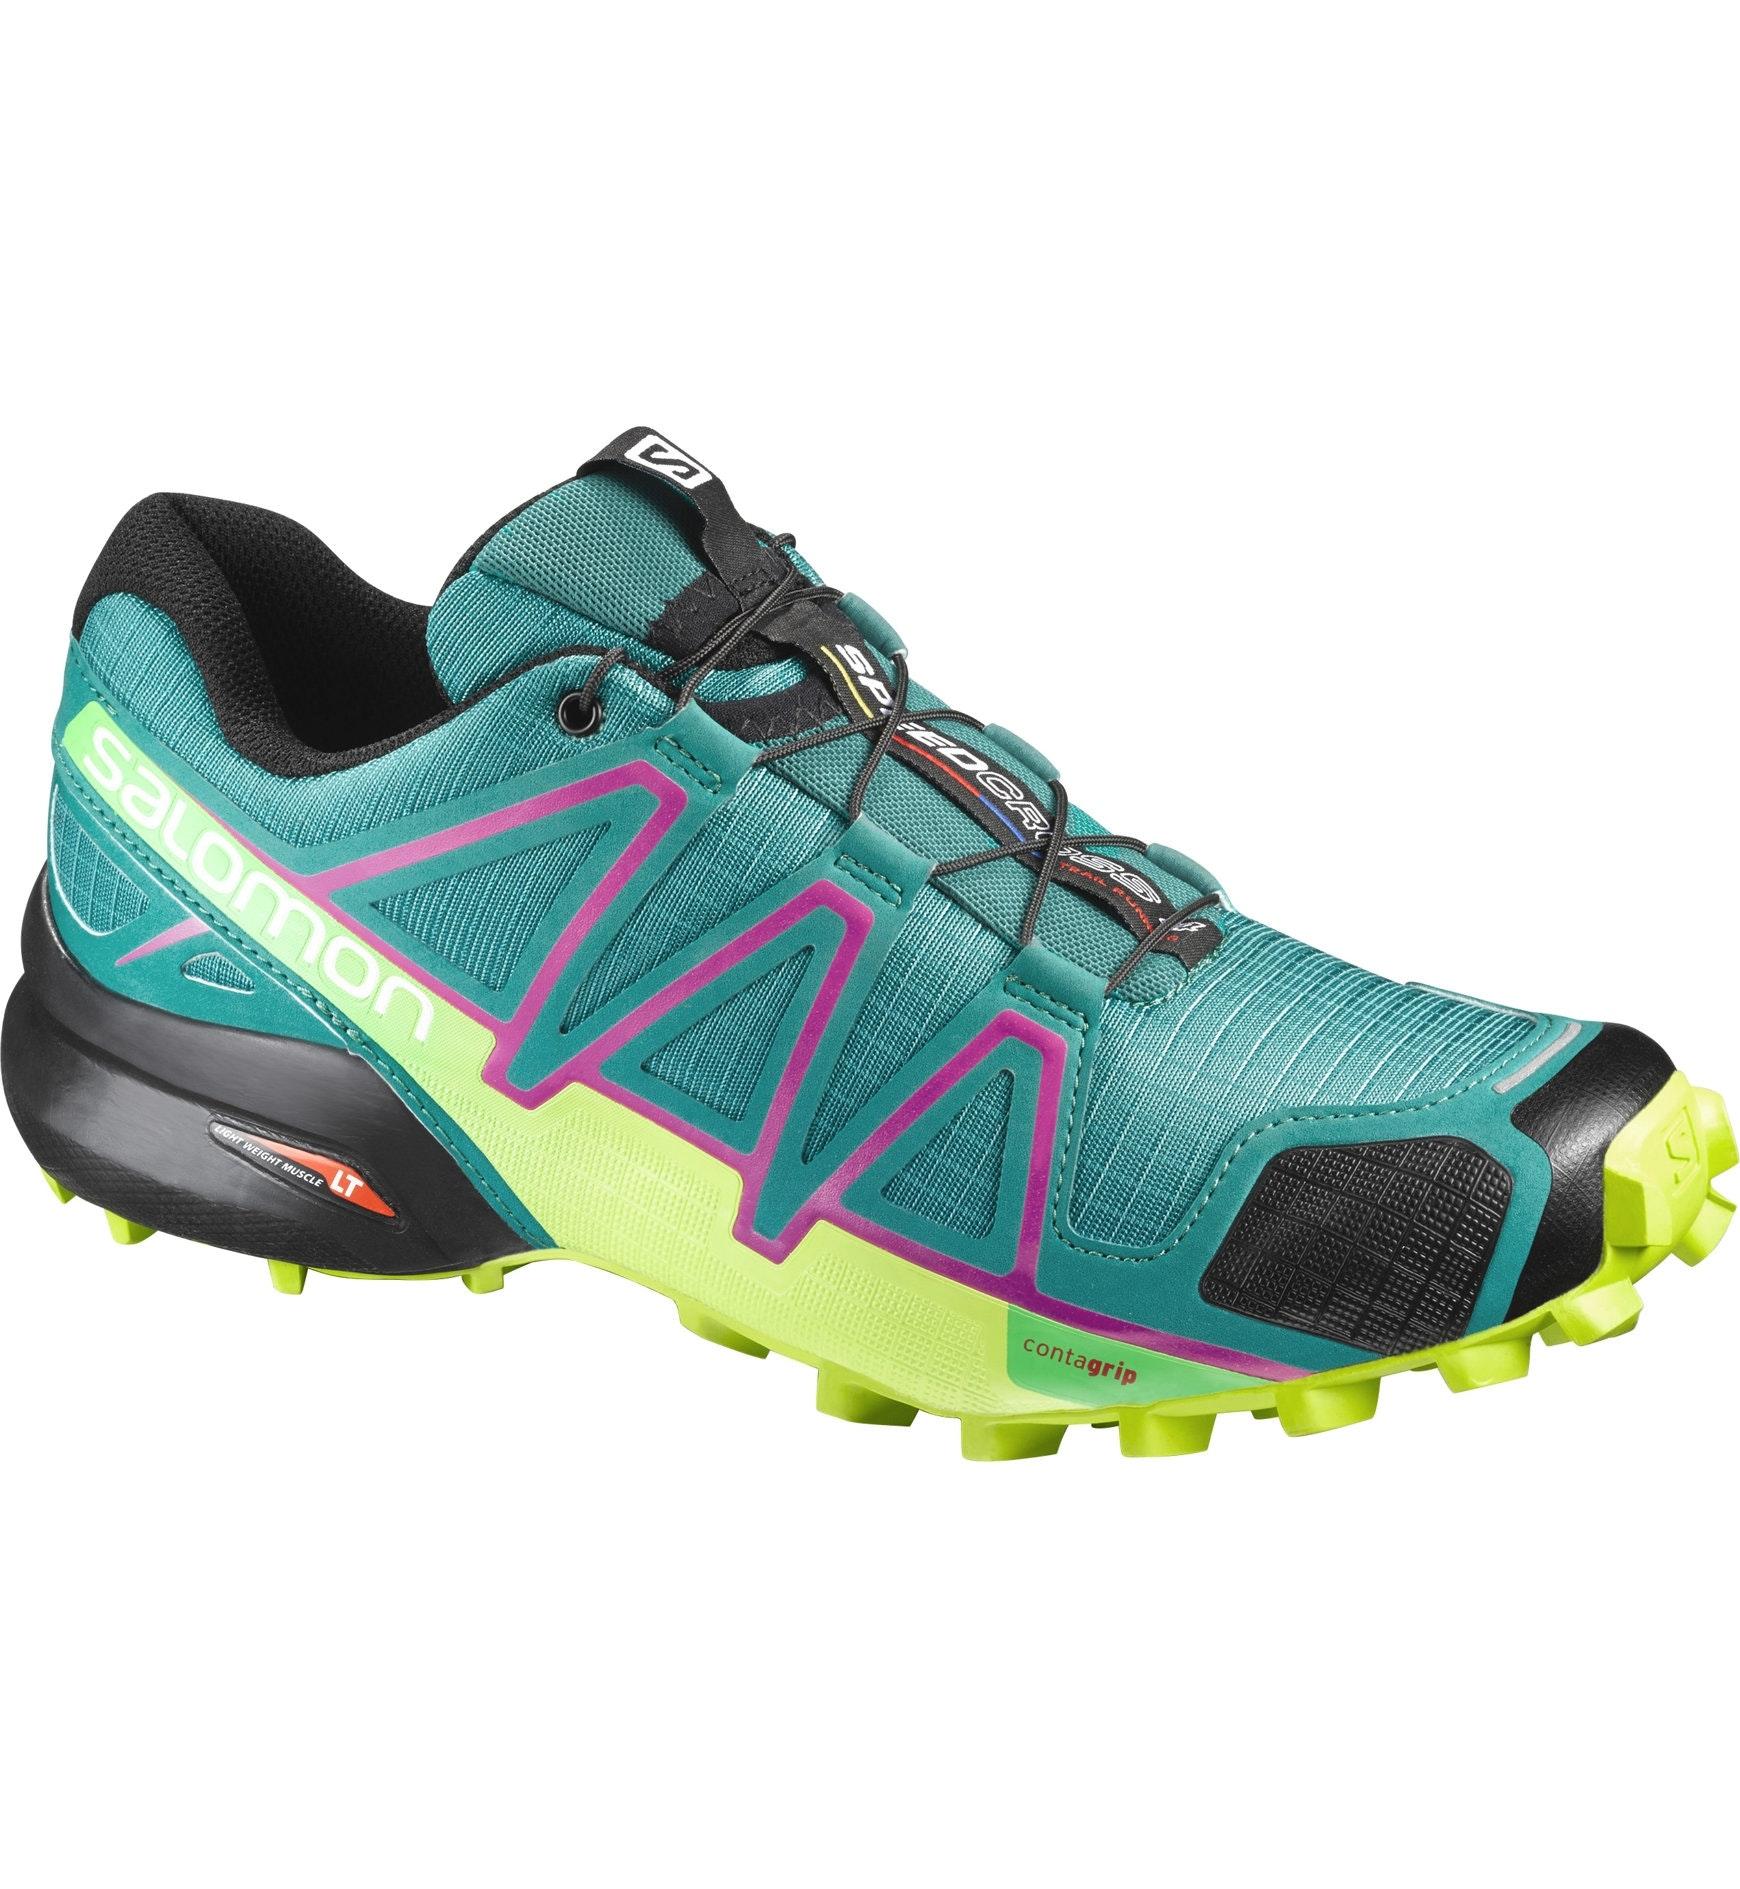 Salomon Speedcross 4 w - scarpe trailrunning - donna